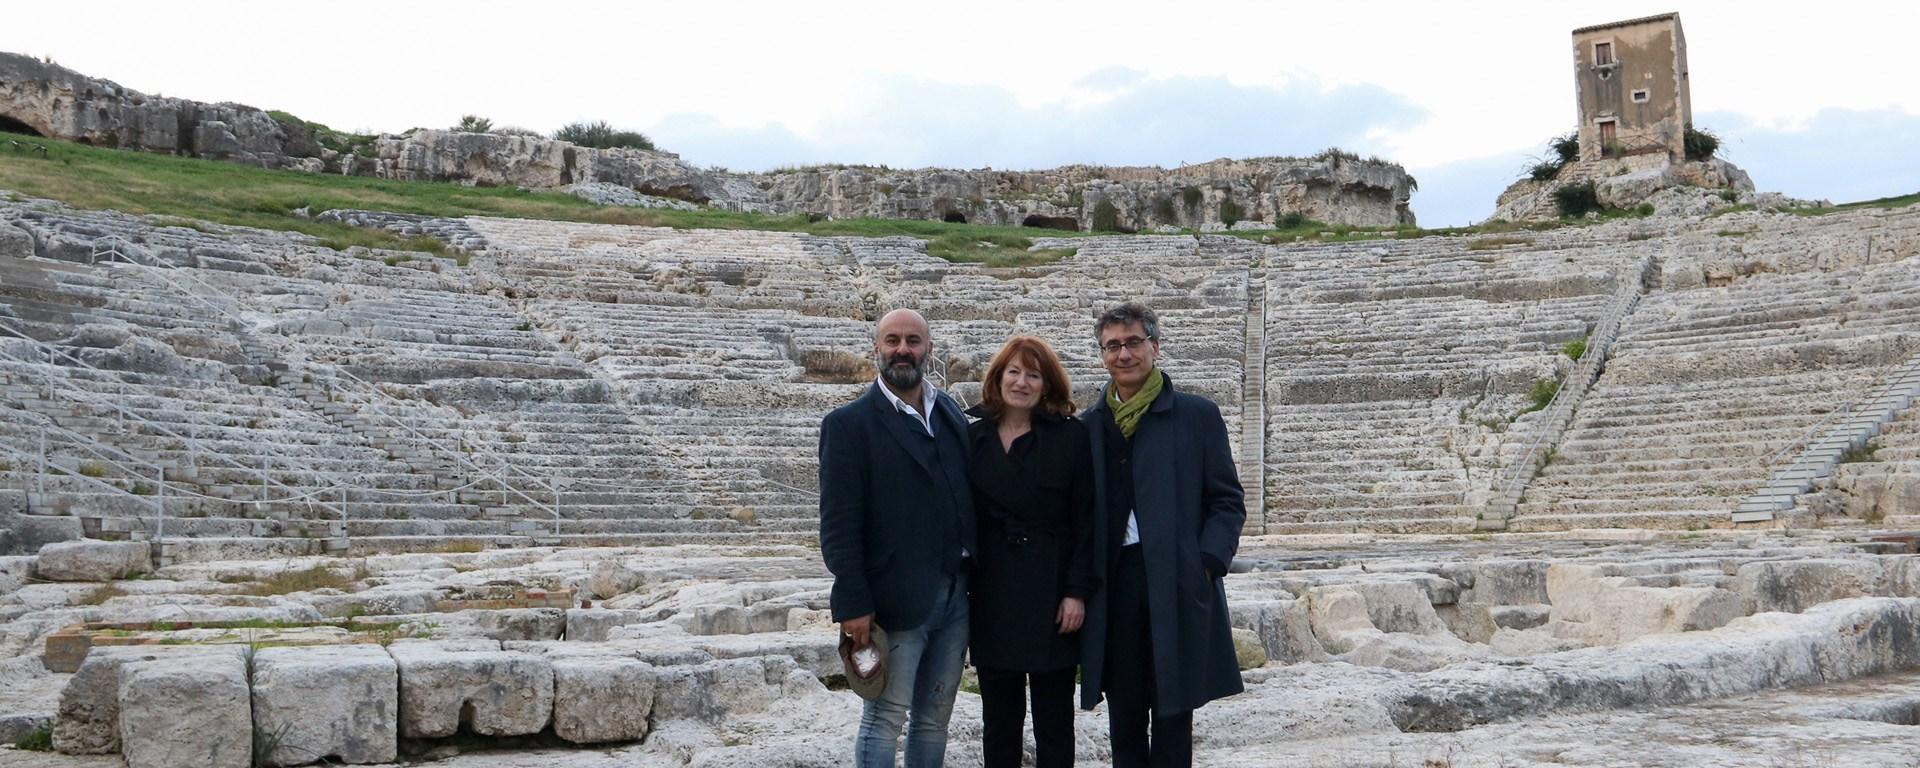 Livermore, Mayette, Calbi al Teatro Greco di Siracusa. Ph. Franca Centaro